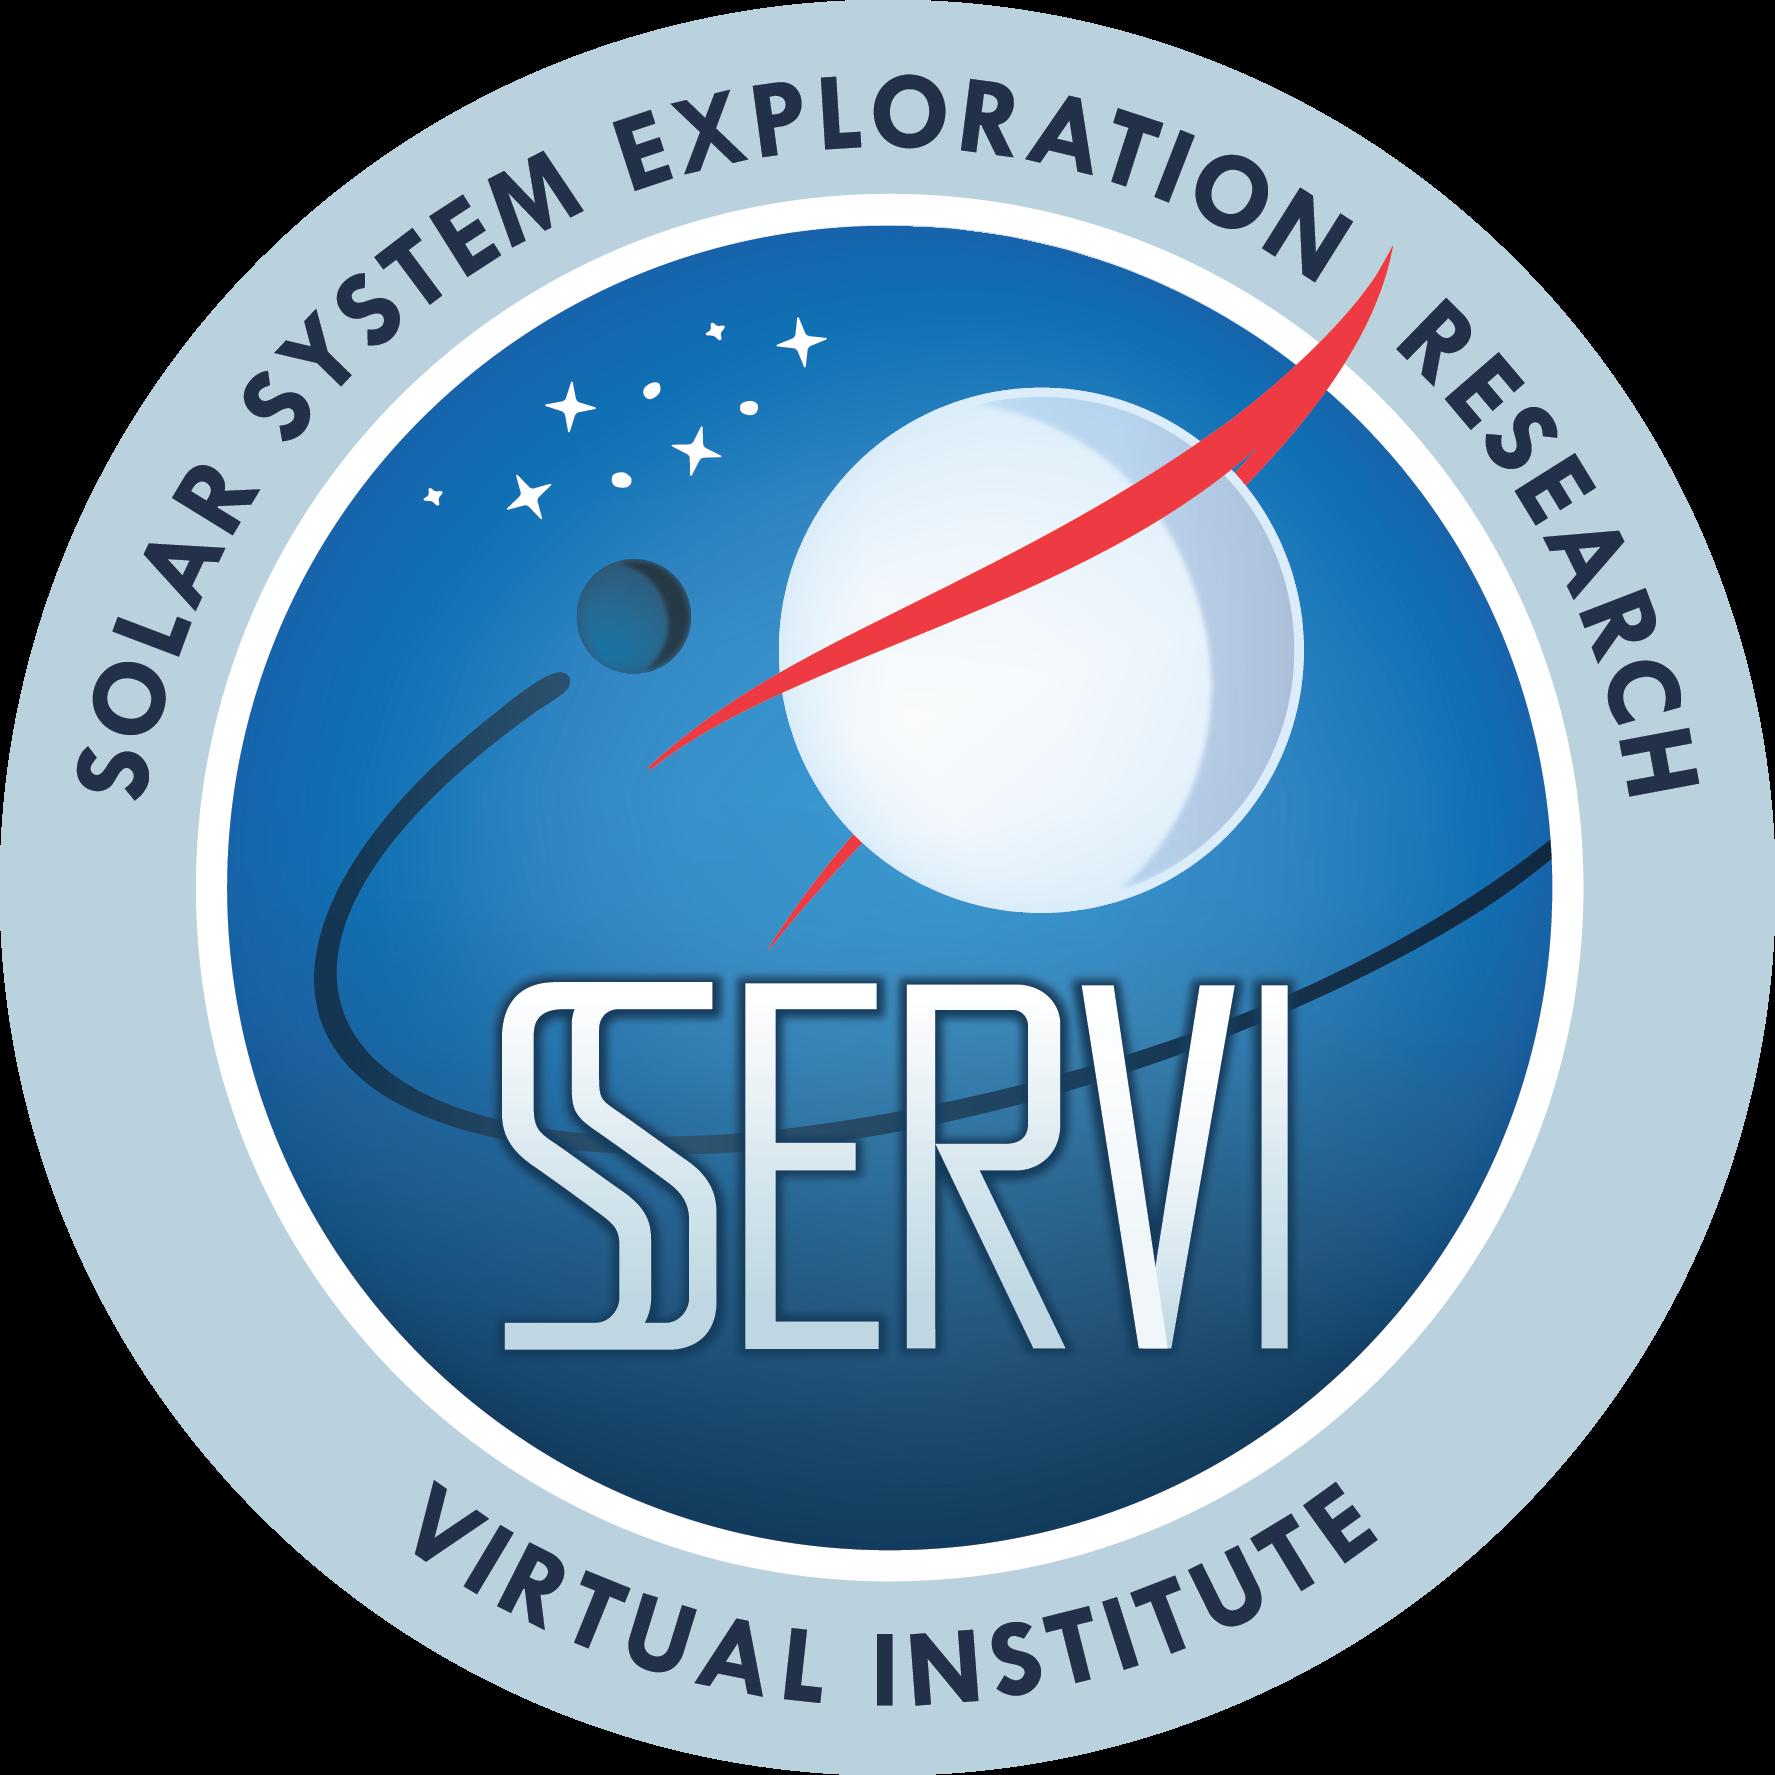 sservi-2